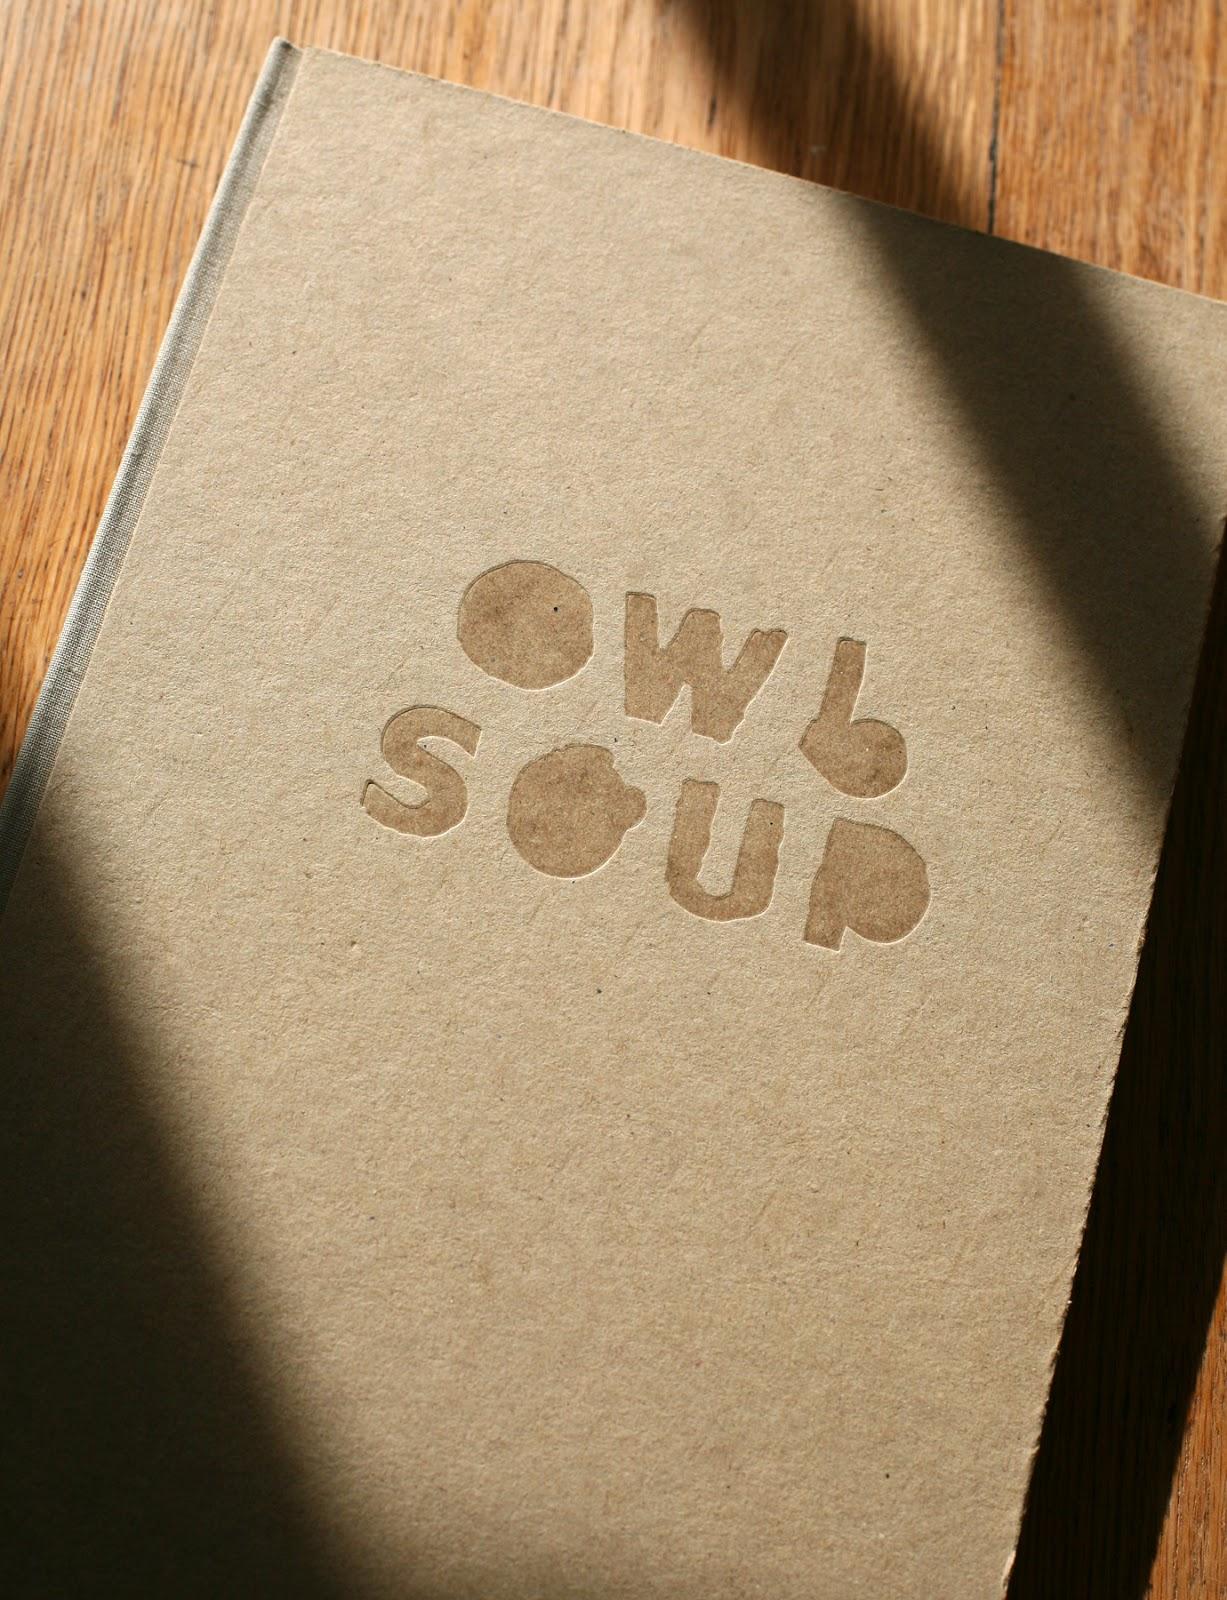 Owl Soup